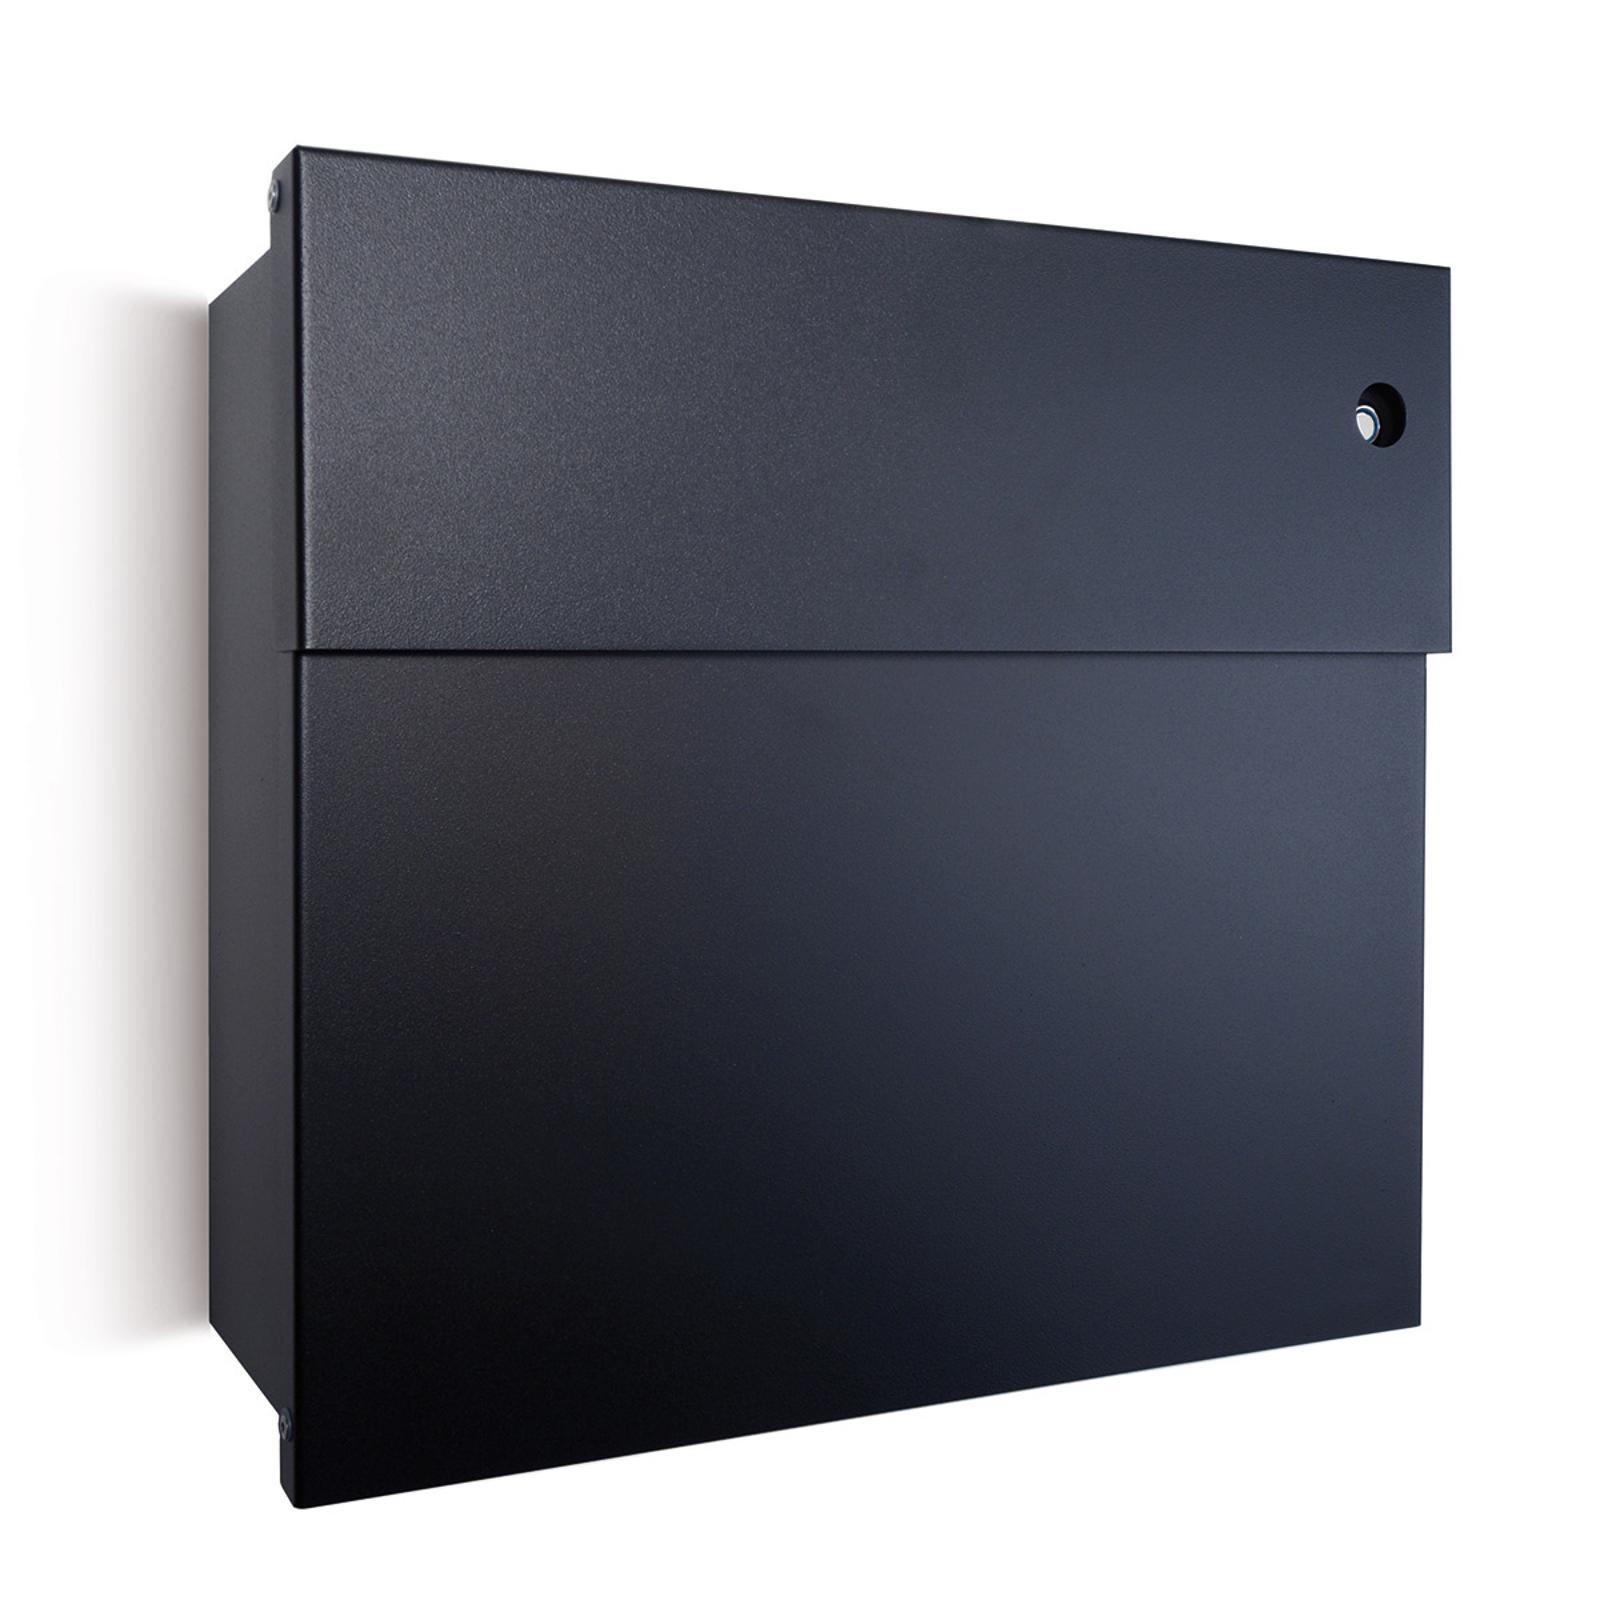 Briefkasten Letterman IV, blaue Klingel, schwarz